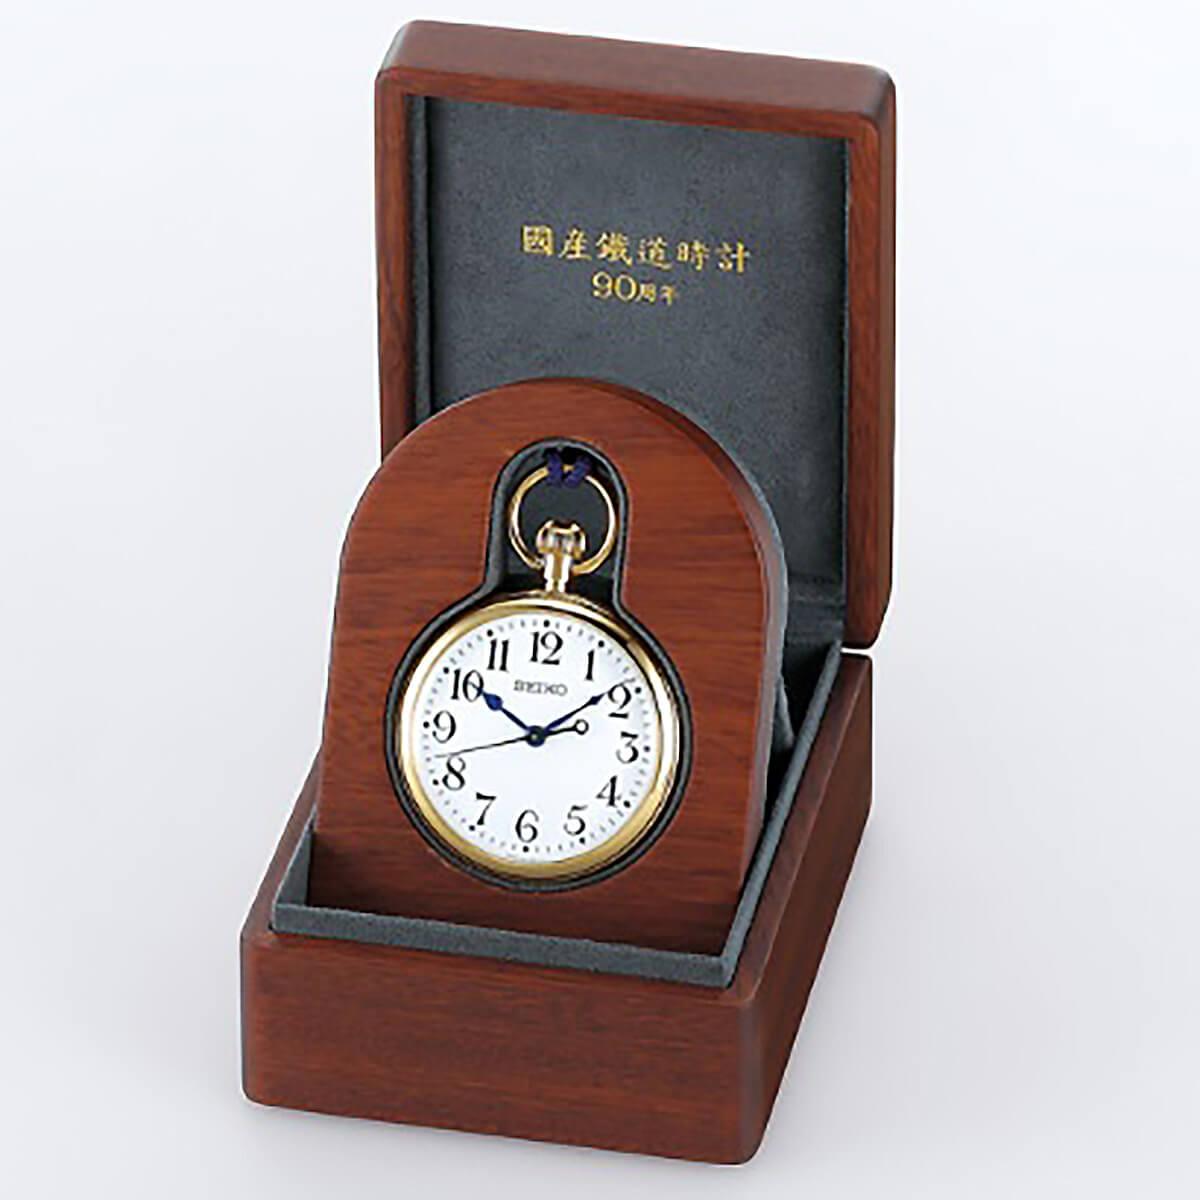 セイコー鉄道時計は専用ボックスに入れてお届けいたします。